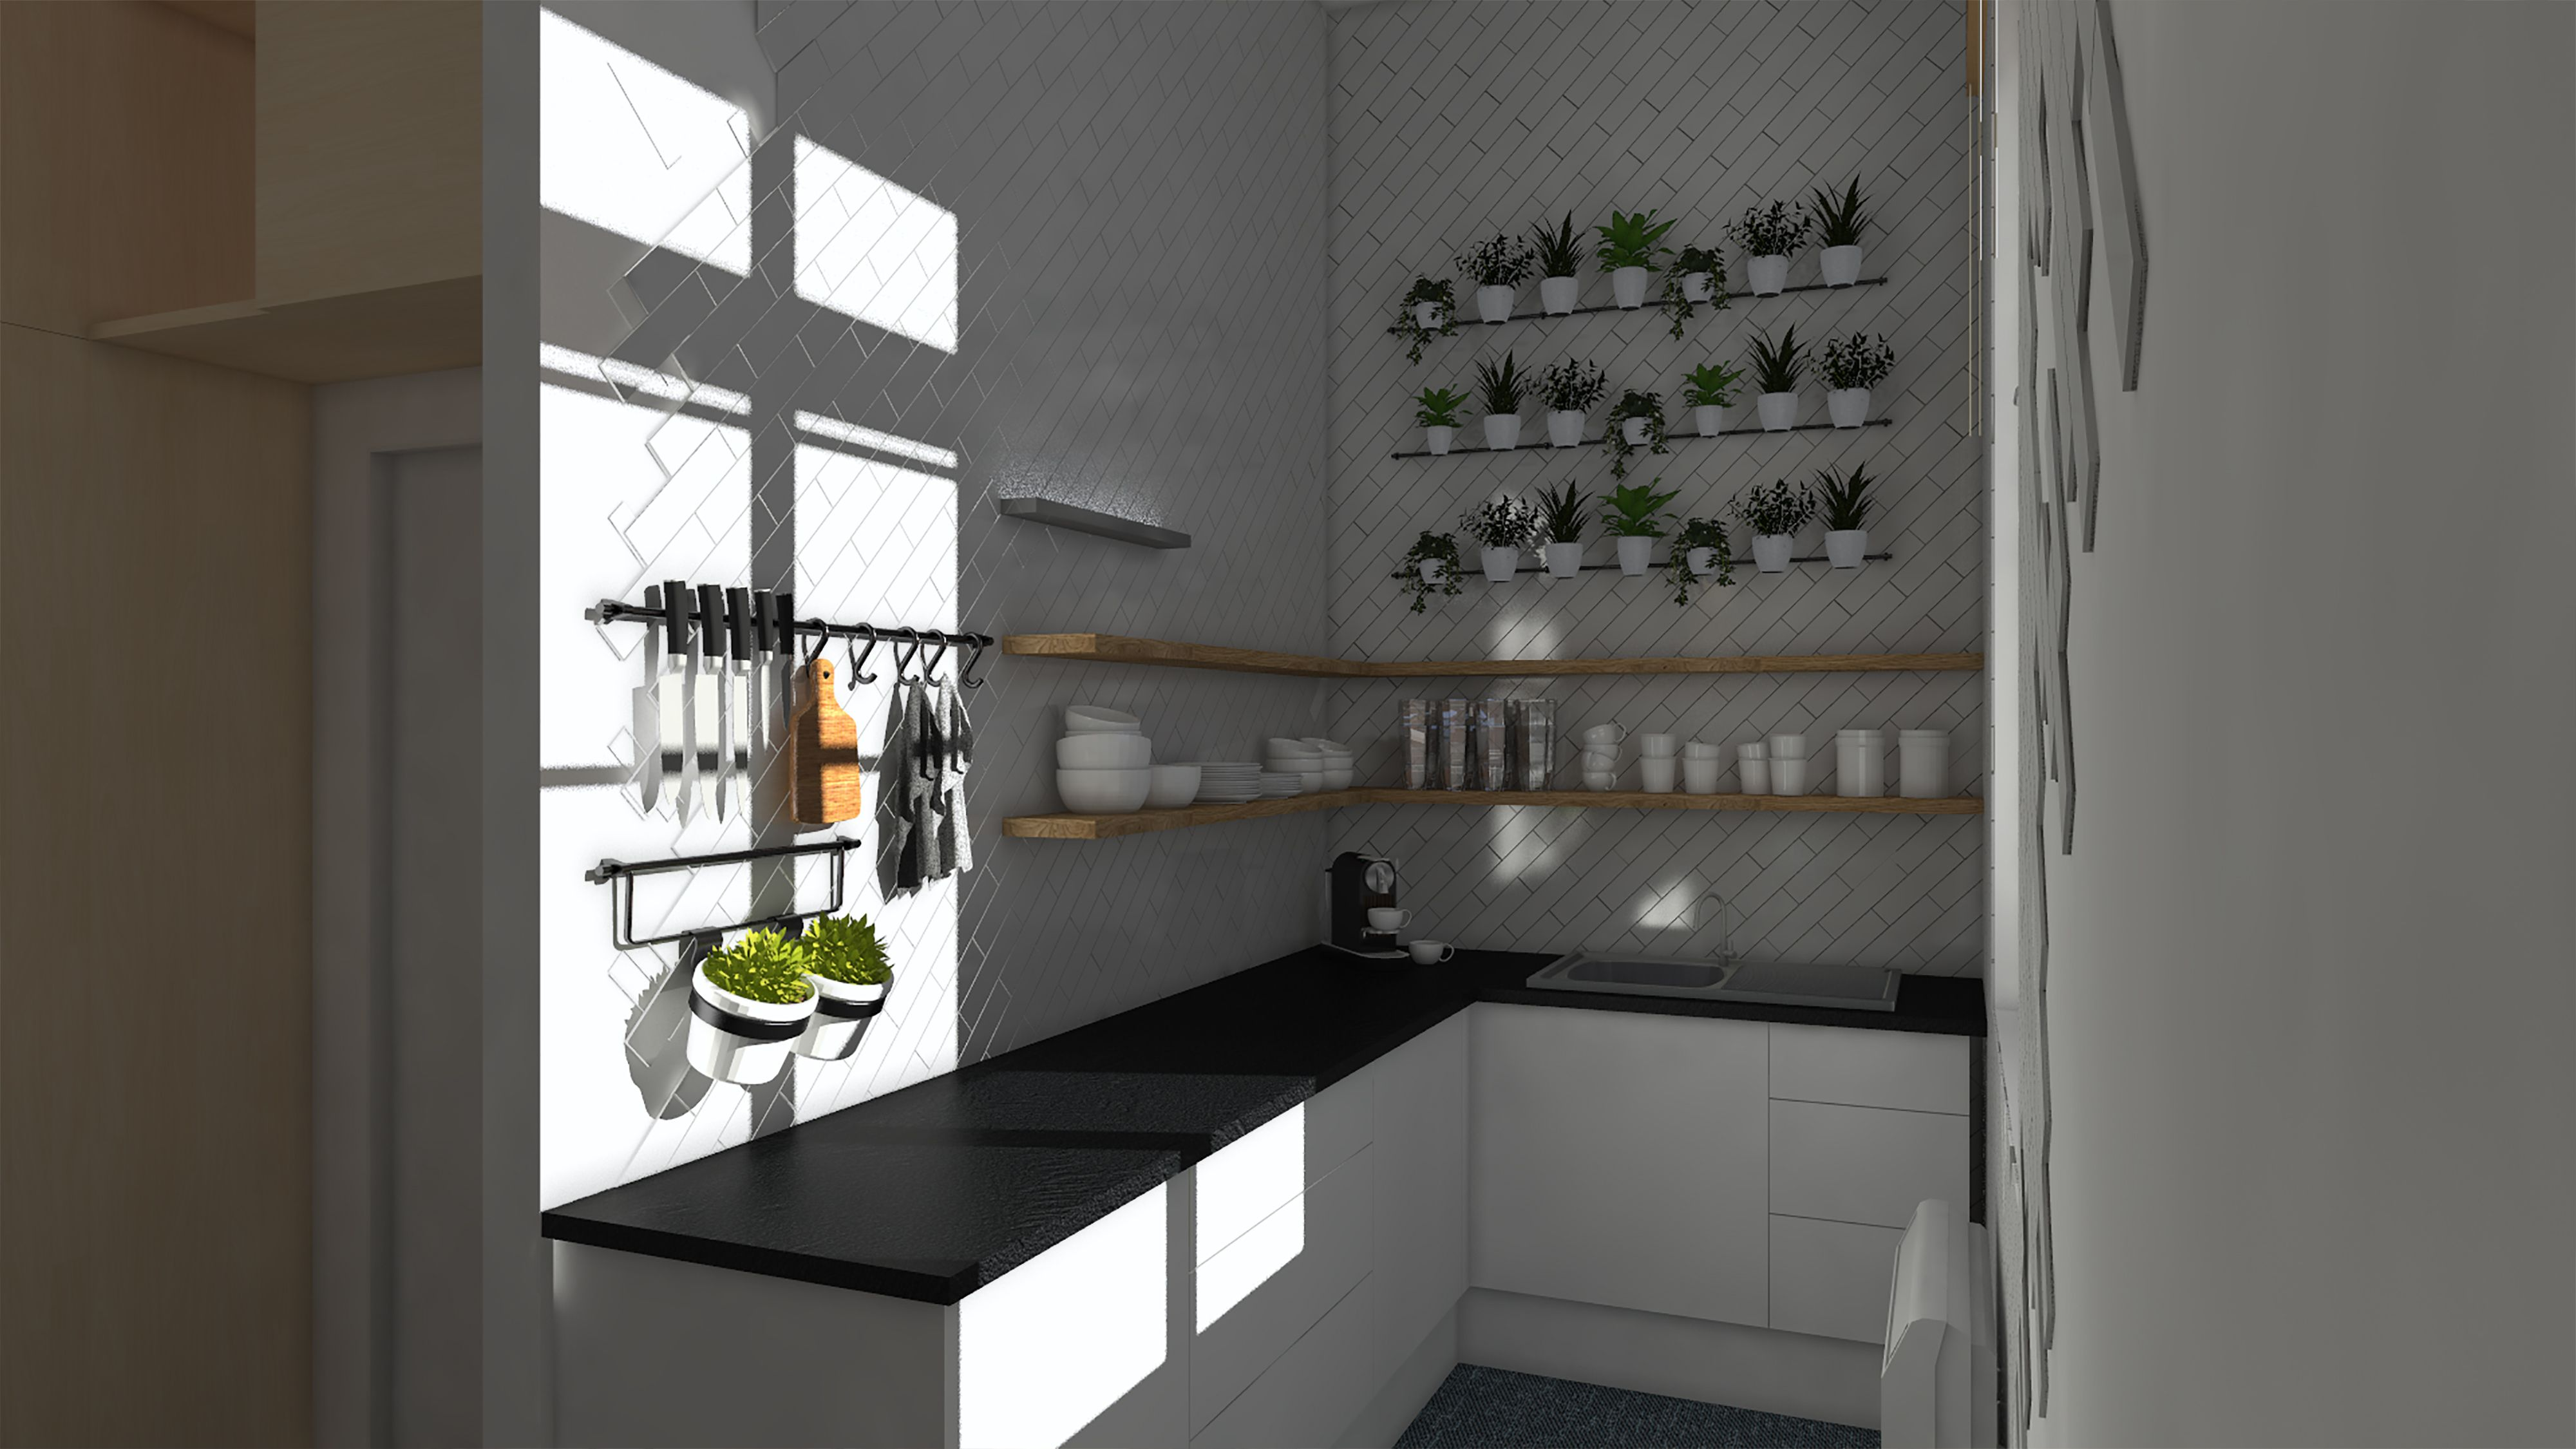 Atelier De La Cuisine Nantes la cuisine de l'espace de coworking de savenay, désigné par